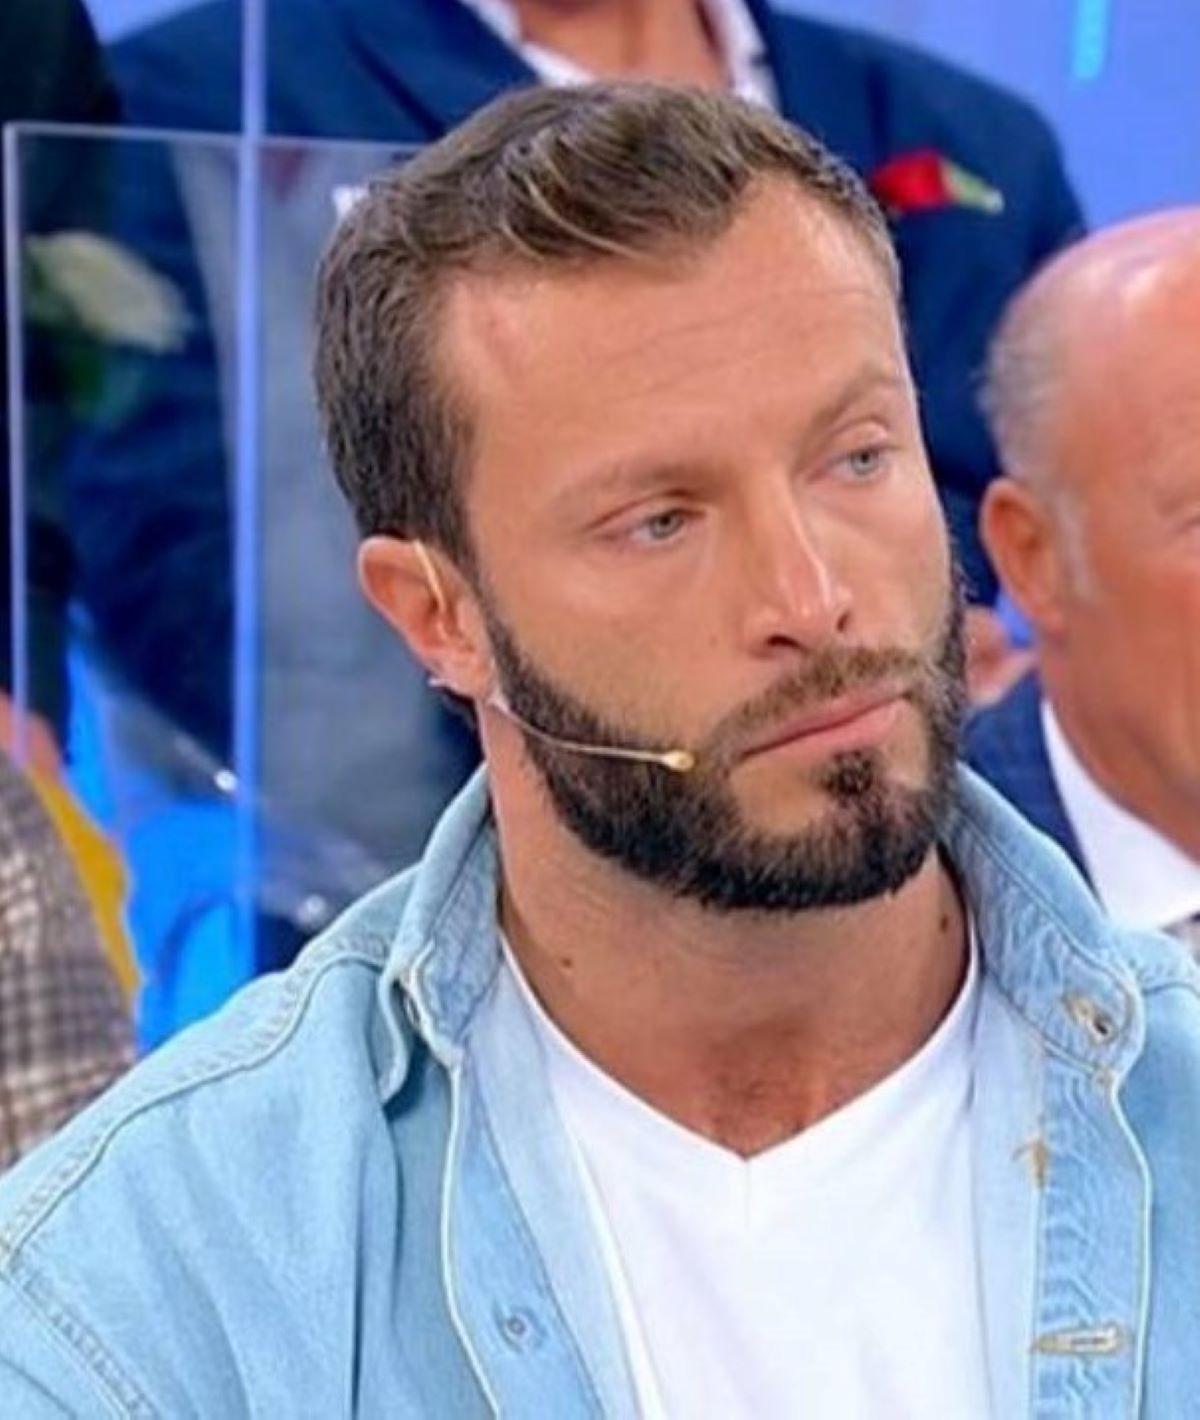 Michele Dentice Uomini e Donne Motivi Addio Lutto Problemi Economici